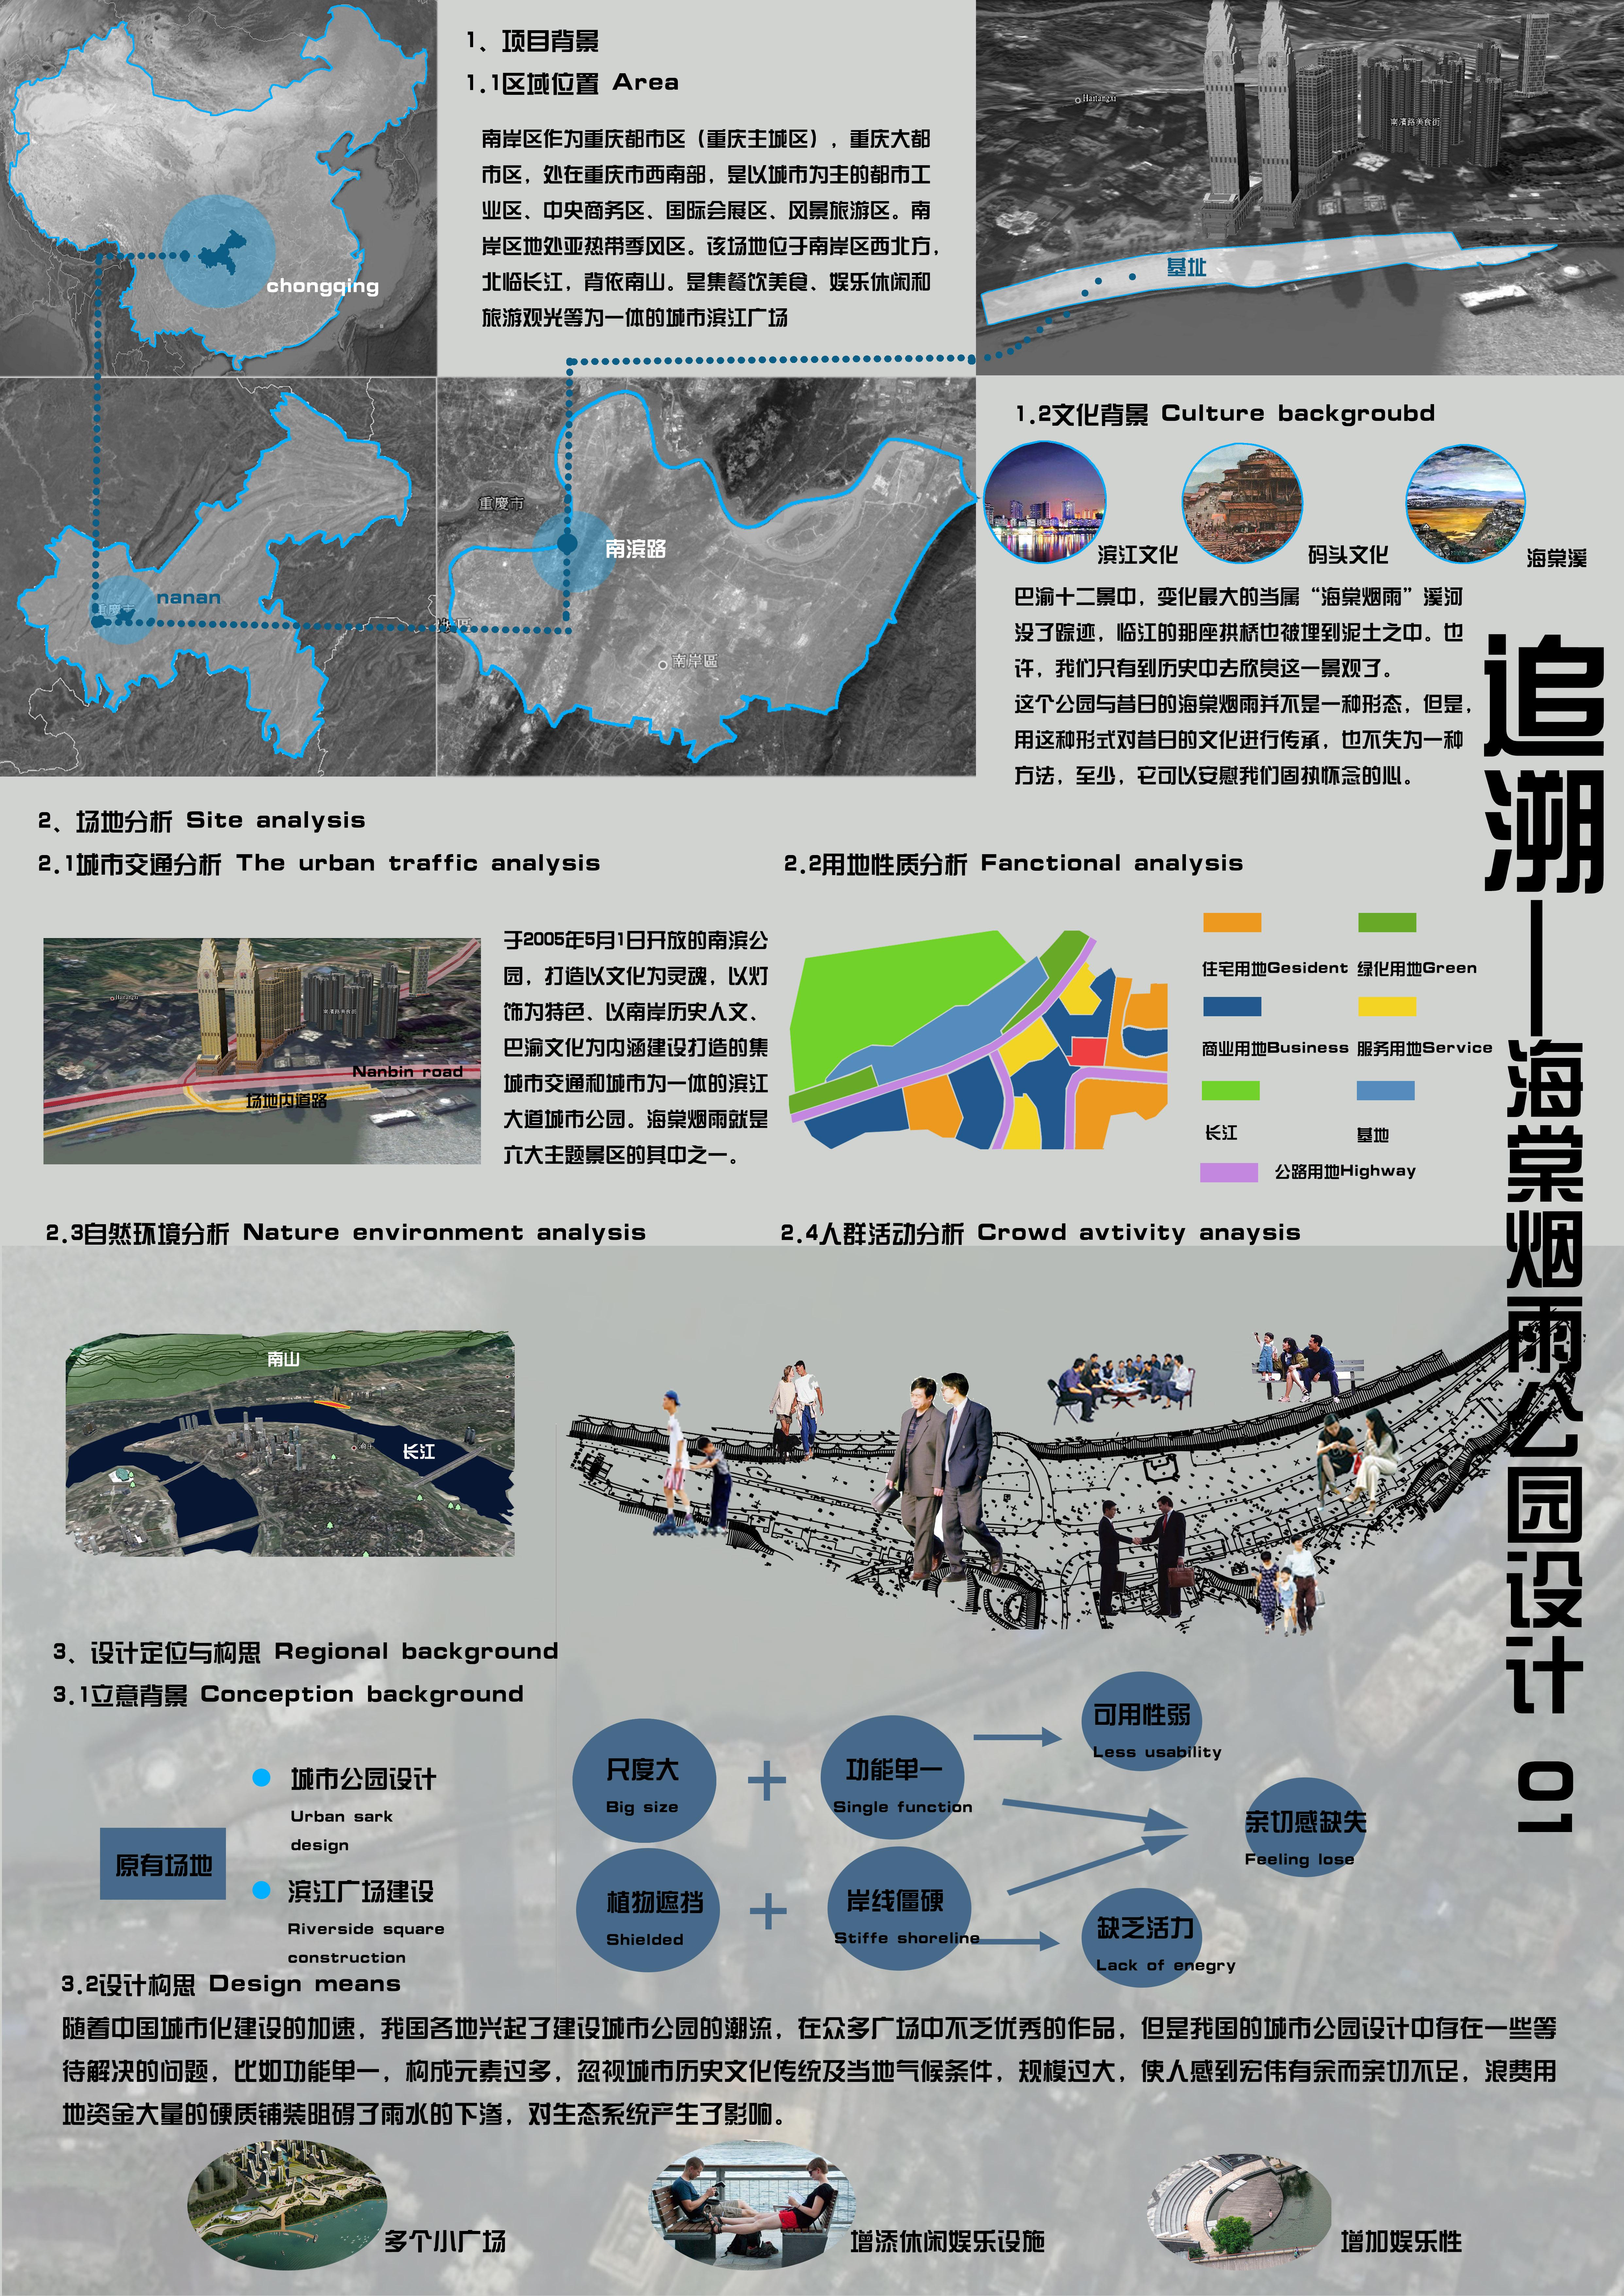 海棠烟雨公园图片